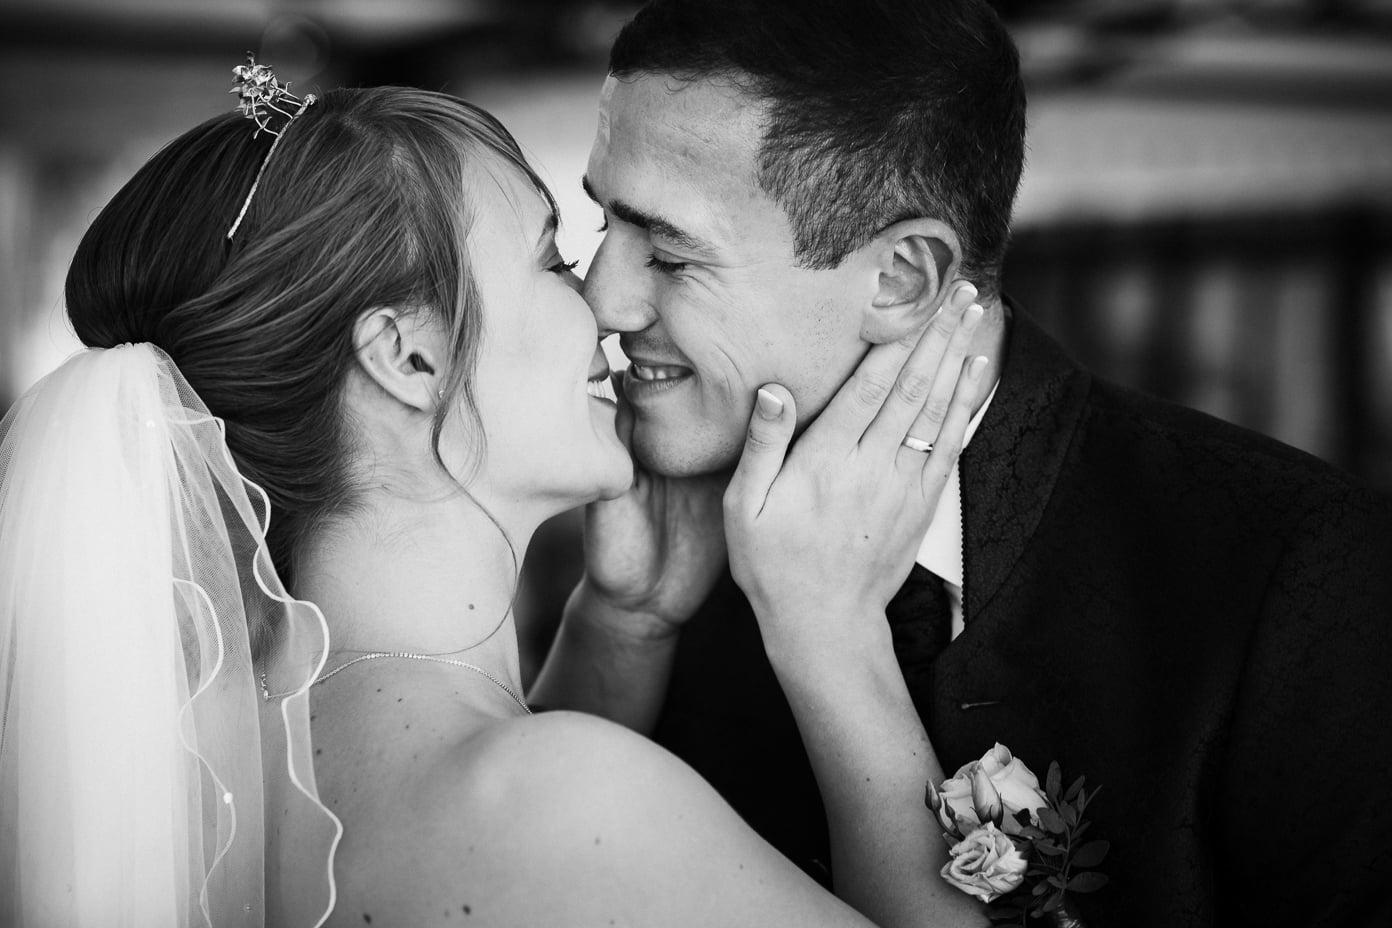 Das frisch vermählte Paar küsst sich